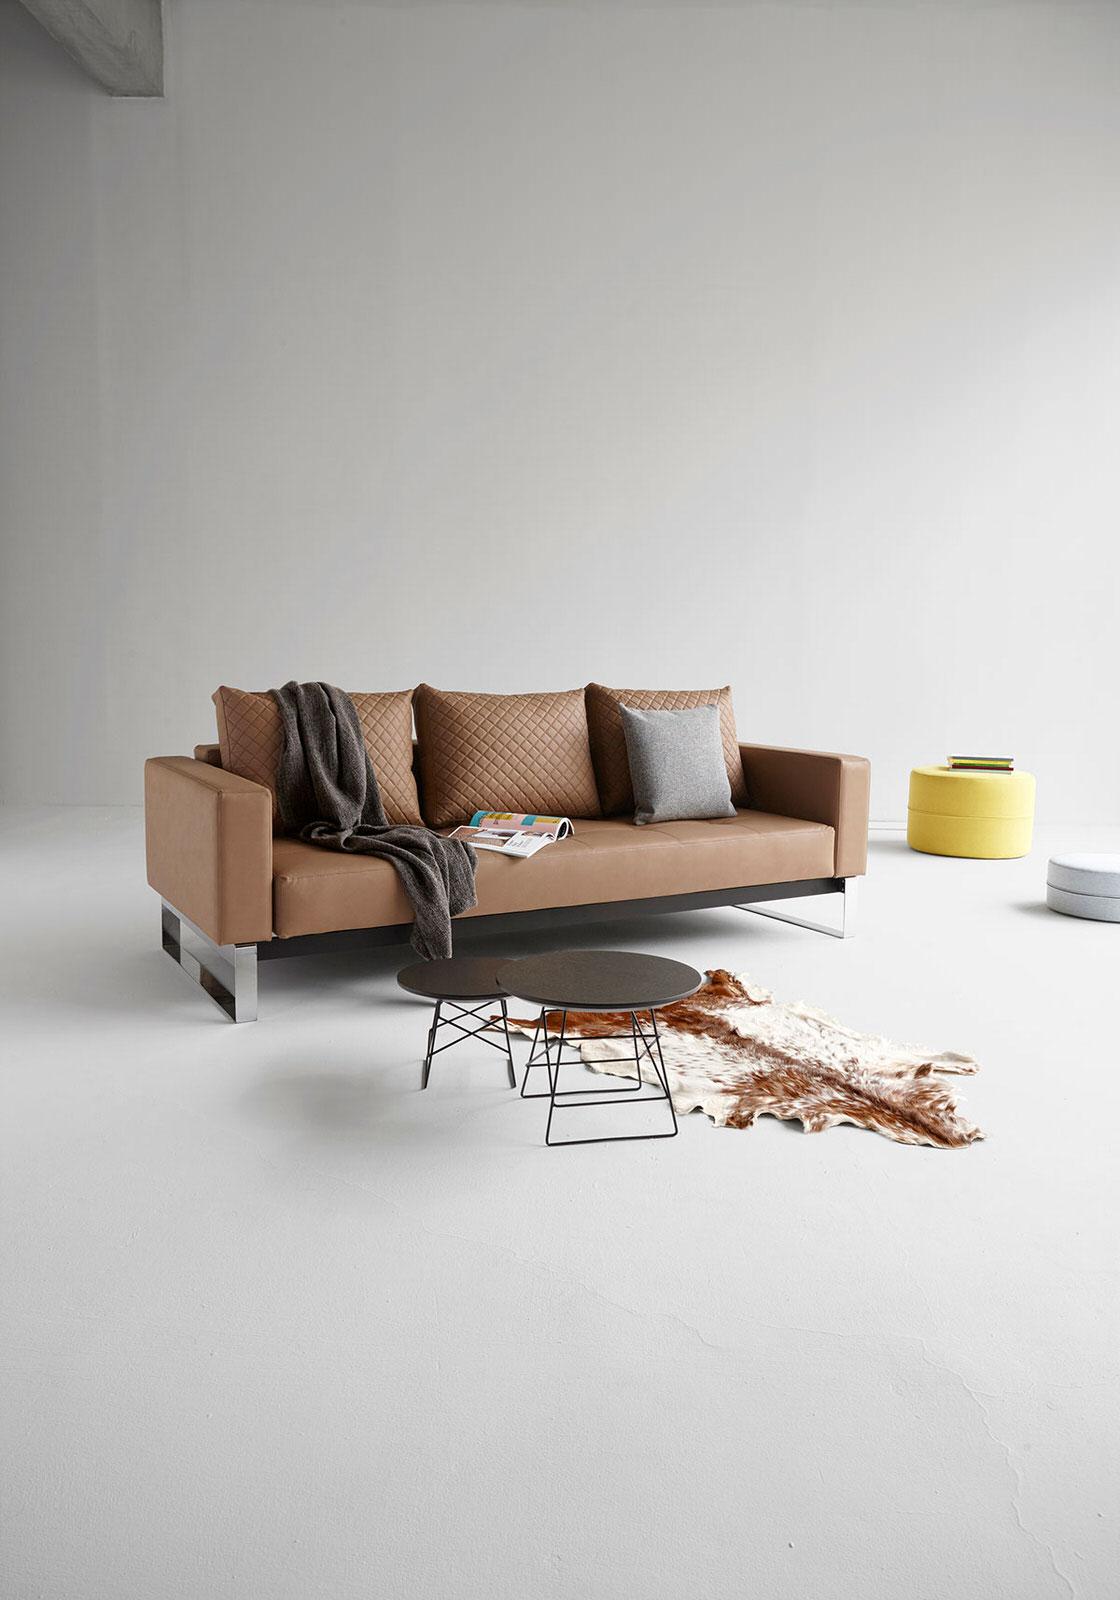 Cassius Quilt Deluxe Sofa Bed Full Size Nubucko Dark Sahara